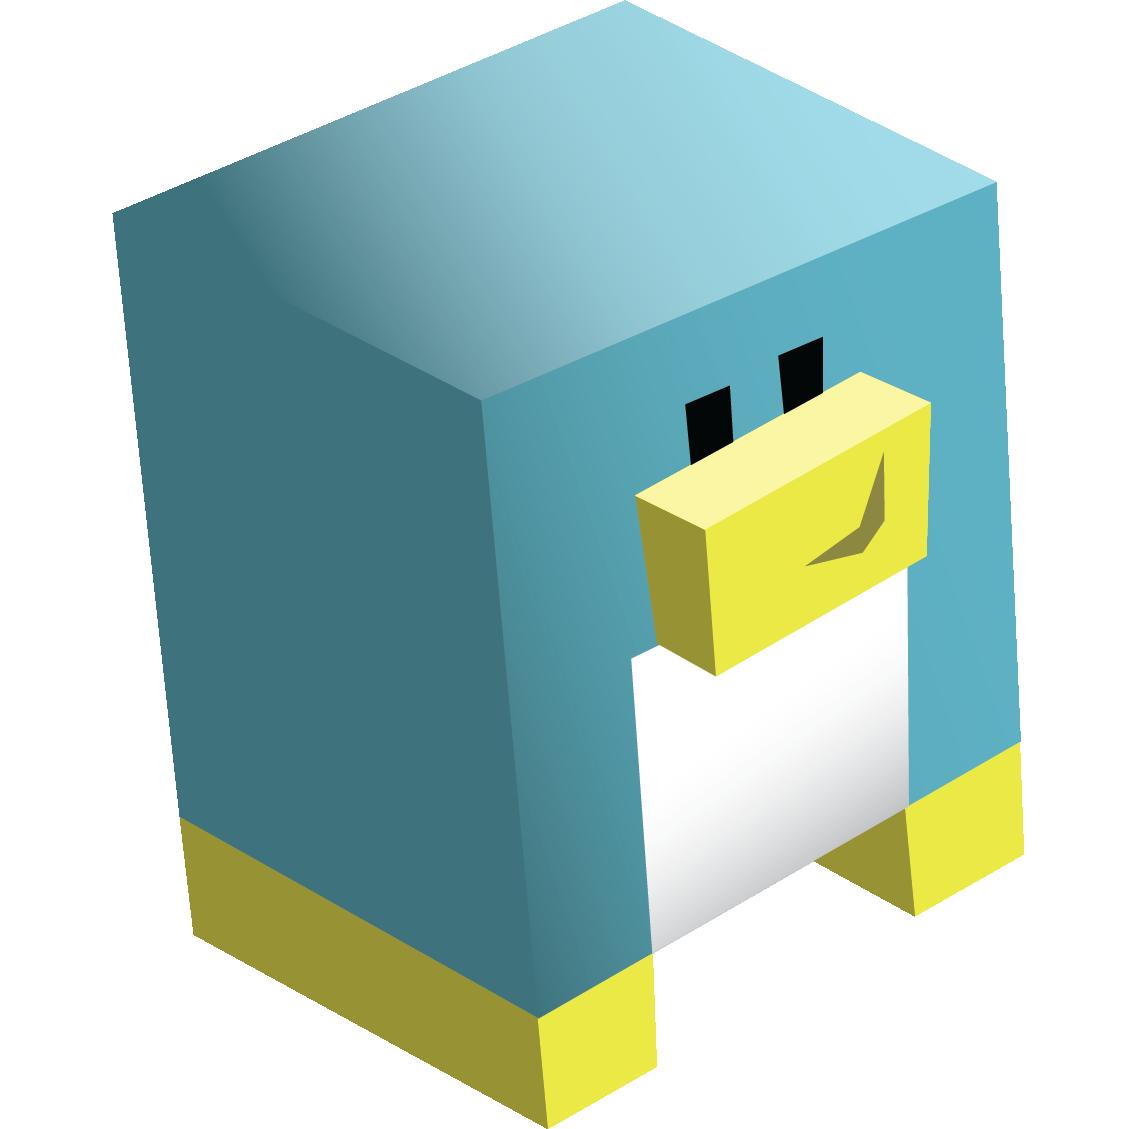 KeokeN_icon_logoweb3